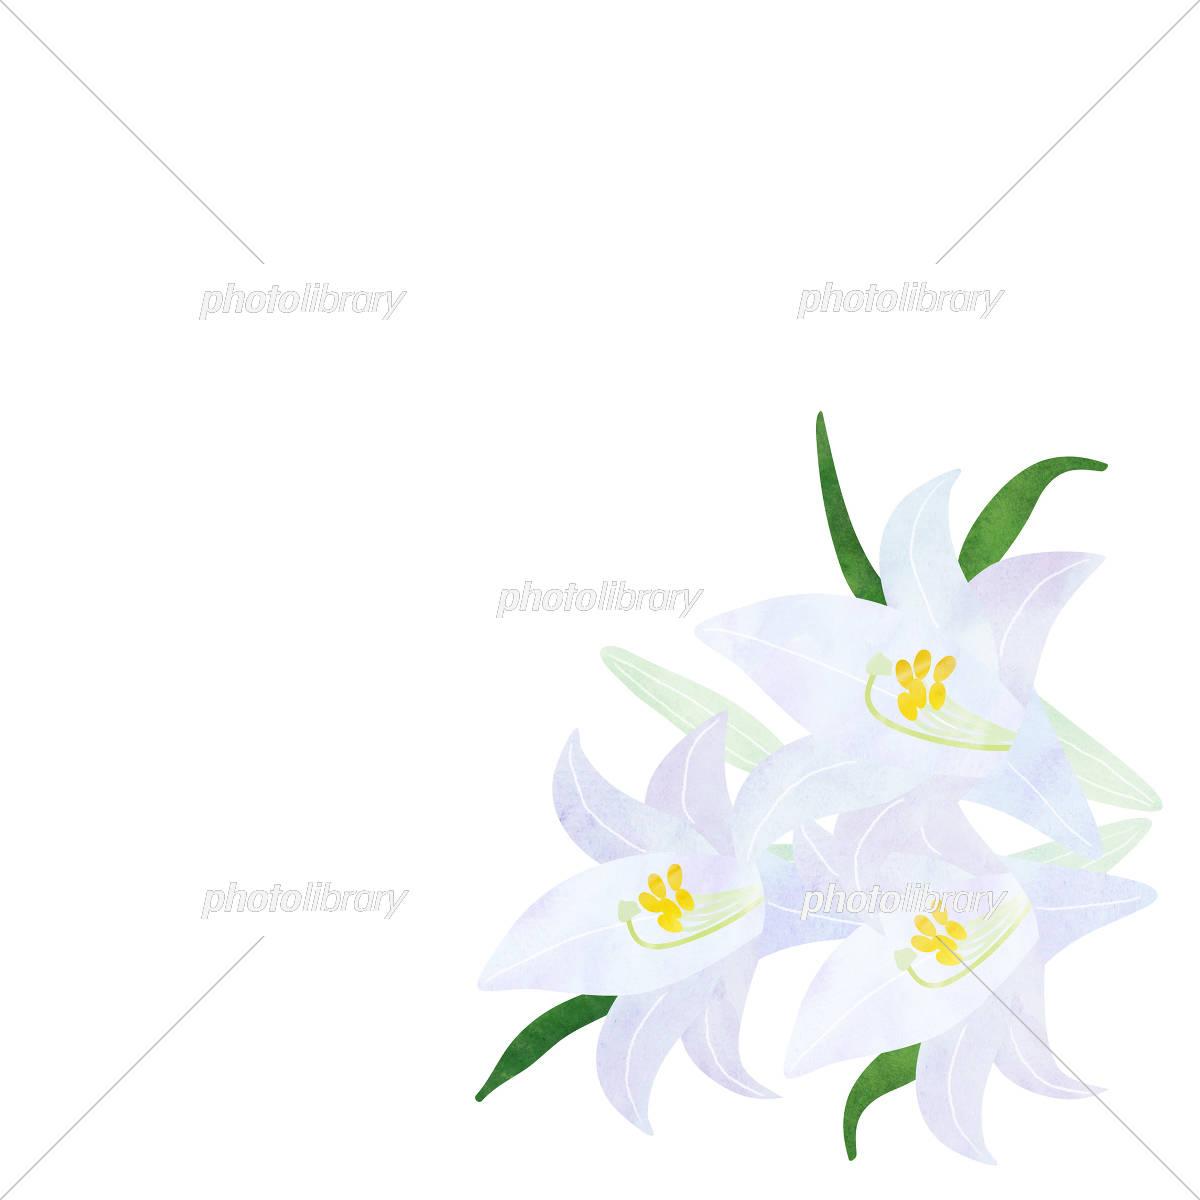 ユリの花 イラスト素材 5661994 フォトライブラリー Photolibrary